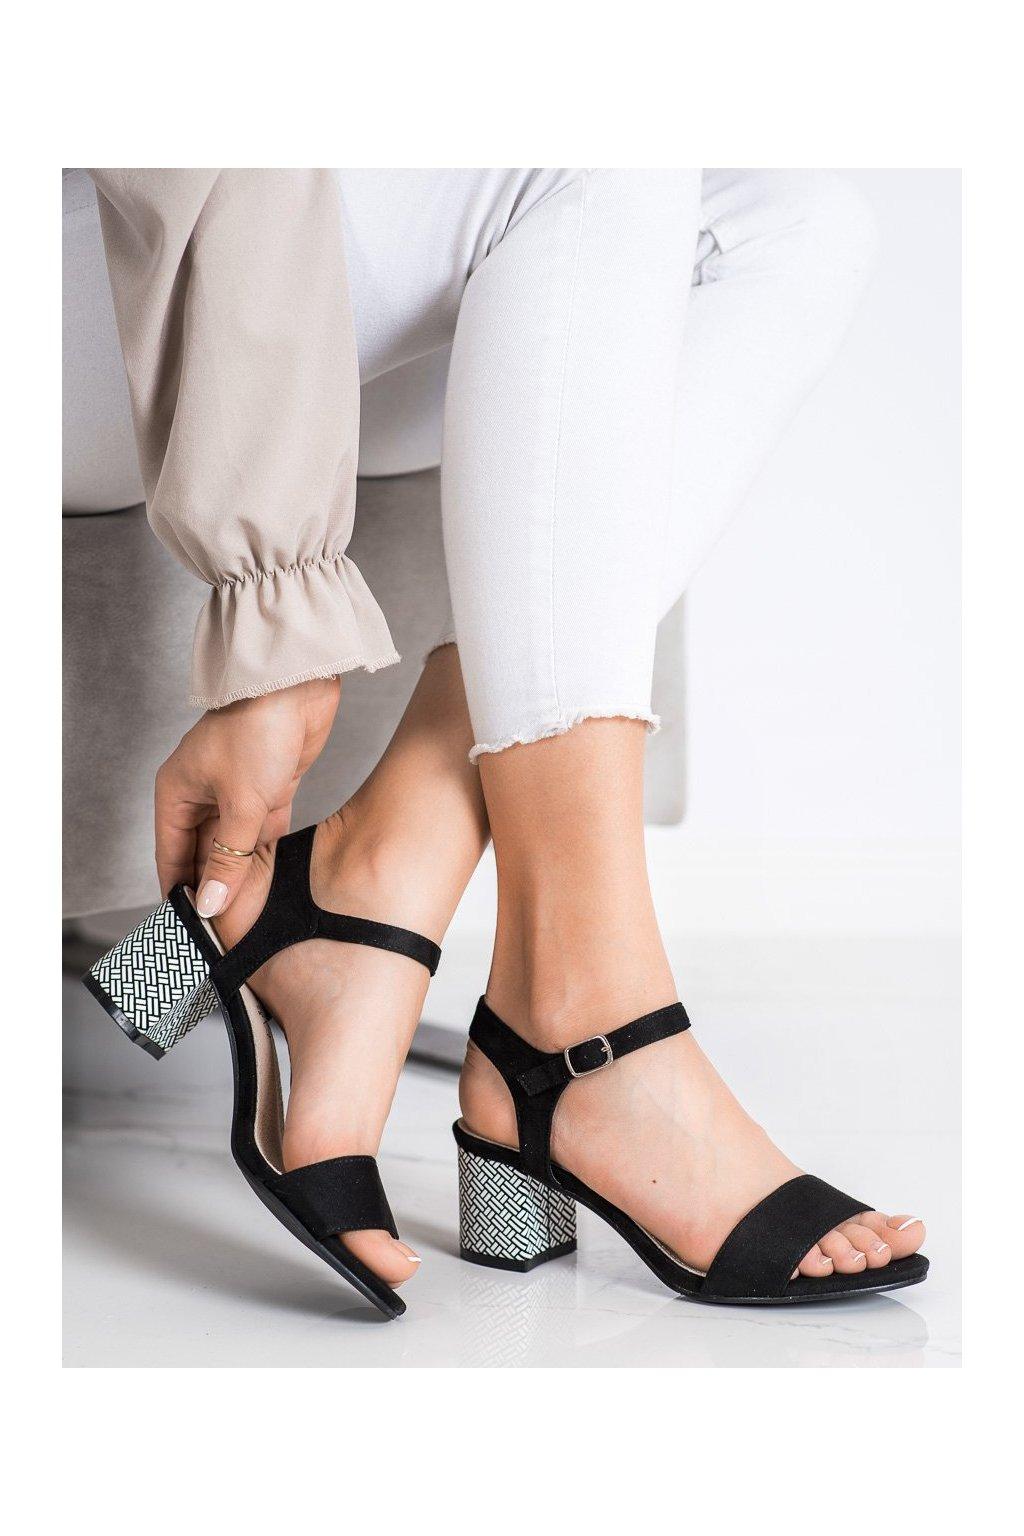 Čierne sandále Goodin kod GD-FL1028A-B